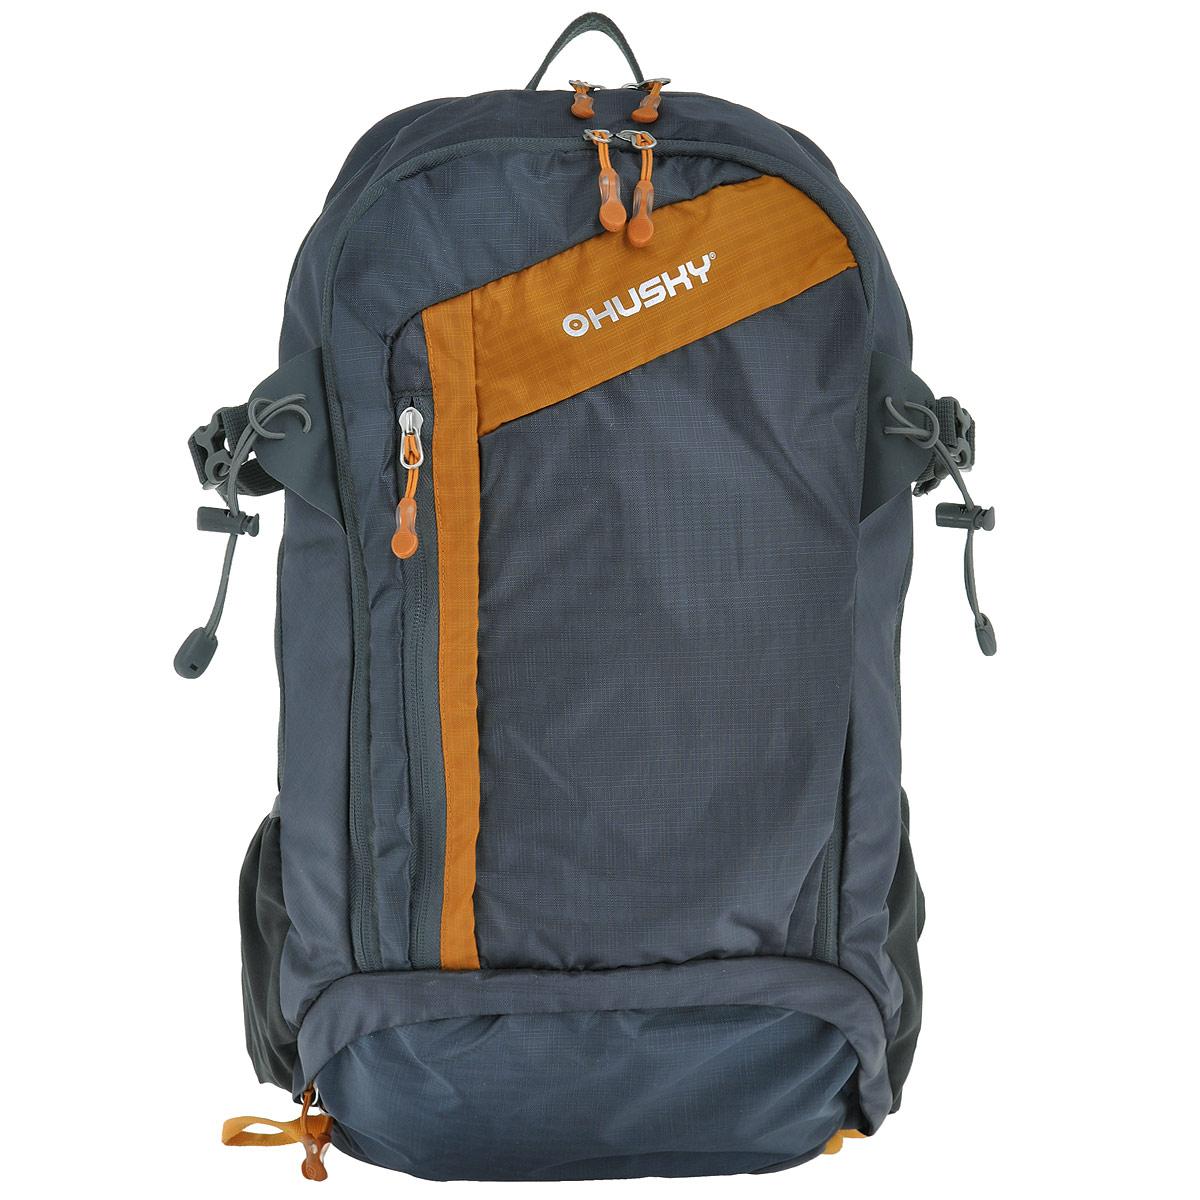 Рюкзак туристический Husky Scampy, цвет: серый, оранжевый, объем 35 лУТ-000055304Рюкзак Husky Scampy - незаменимый атрибут туриста! Он выполнен из водонепроницаемого полиэстера и оснащен светоотражательными элементами. Благодаря своей конструкции, такой рюкзак особенно понравится велосипедистам.С этим вместительным рюкзаком можно отправиться в любое путешествие. Его удобно носить за плечами благодаря широким лямкам, грудному ремню, ремню на поясе и жесткой выгнутой спинке с системой вентиляции спины NBS. Основное отделение имеет объем 35 л. Доступ к нему открывается сверху (закрывается на застежку-молнию) и снизу (замок на застежке-молнии). Внутри главного отделения находится глубокий карман на резинке для гидратора.На лицевой стороне расположено 2 накладных кармана на молниях, в одном из которых находится сетчатый карман на застежке-молнии. По бокам рюкзака расположены 2 кармана на резинке. На дне рюкзака находится карман с накидкой от дождя.Рюкзак Husky Scampy - отличный выбор как для велотуризма, так и для пеших путешествий. Вес: 1,18 кг.